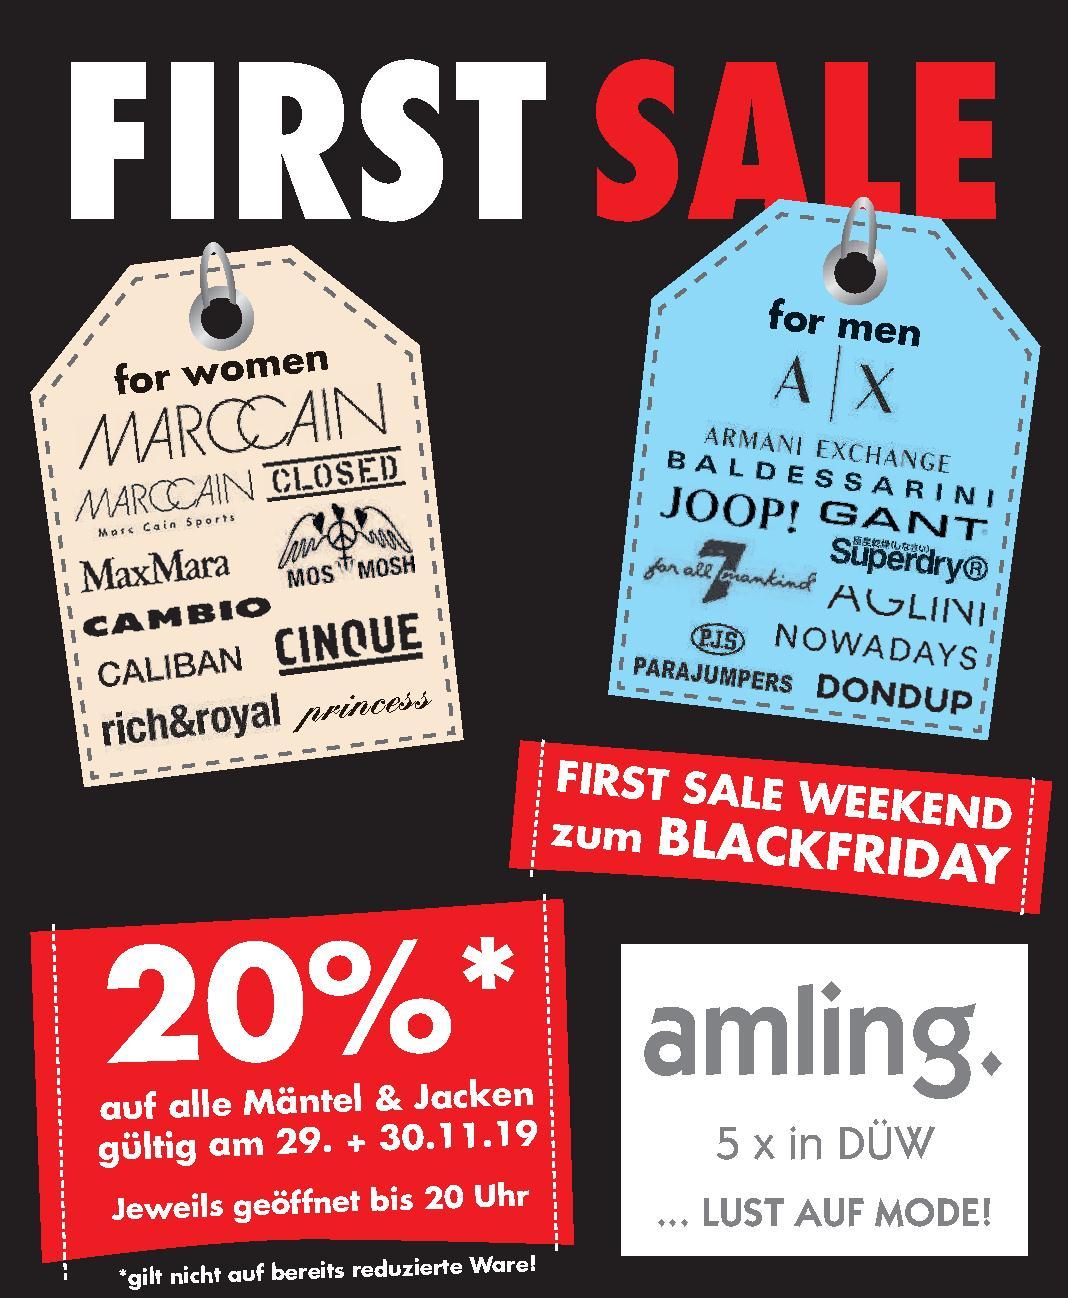 First Sale Weekend zum Blackfriday